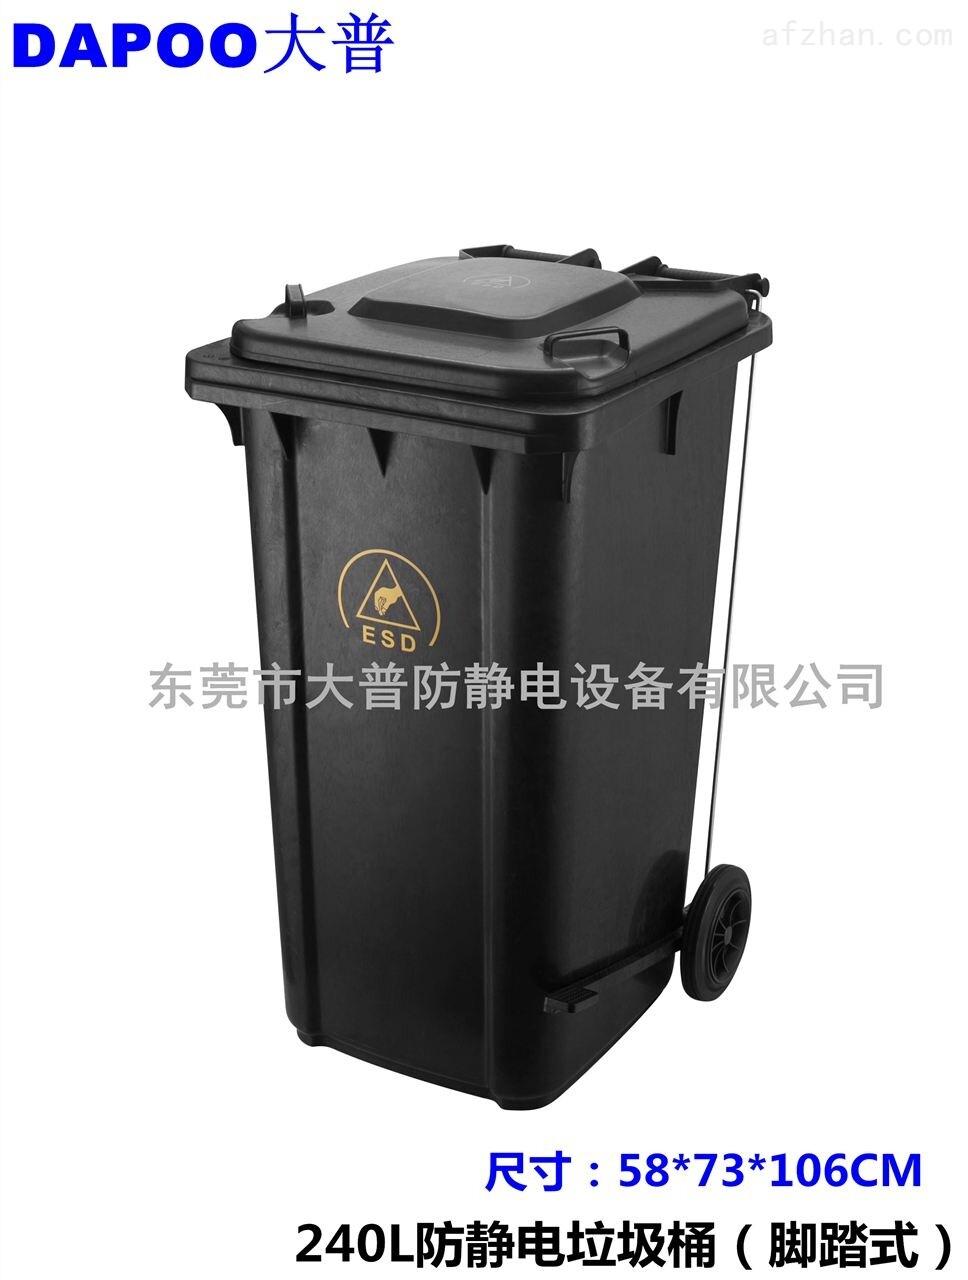 超大容量防静电垃圾桶240升脚踏式